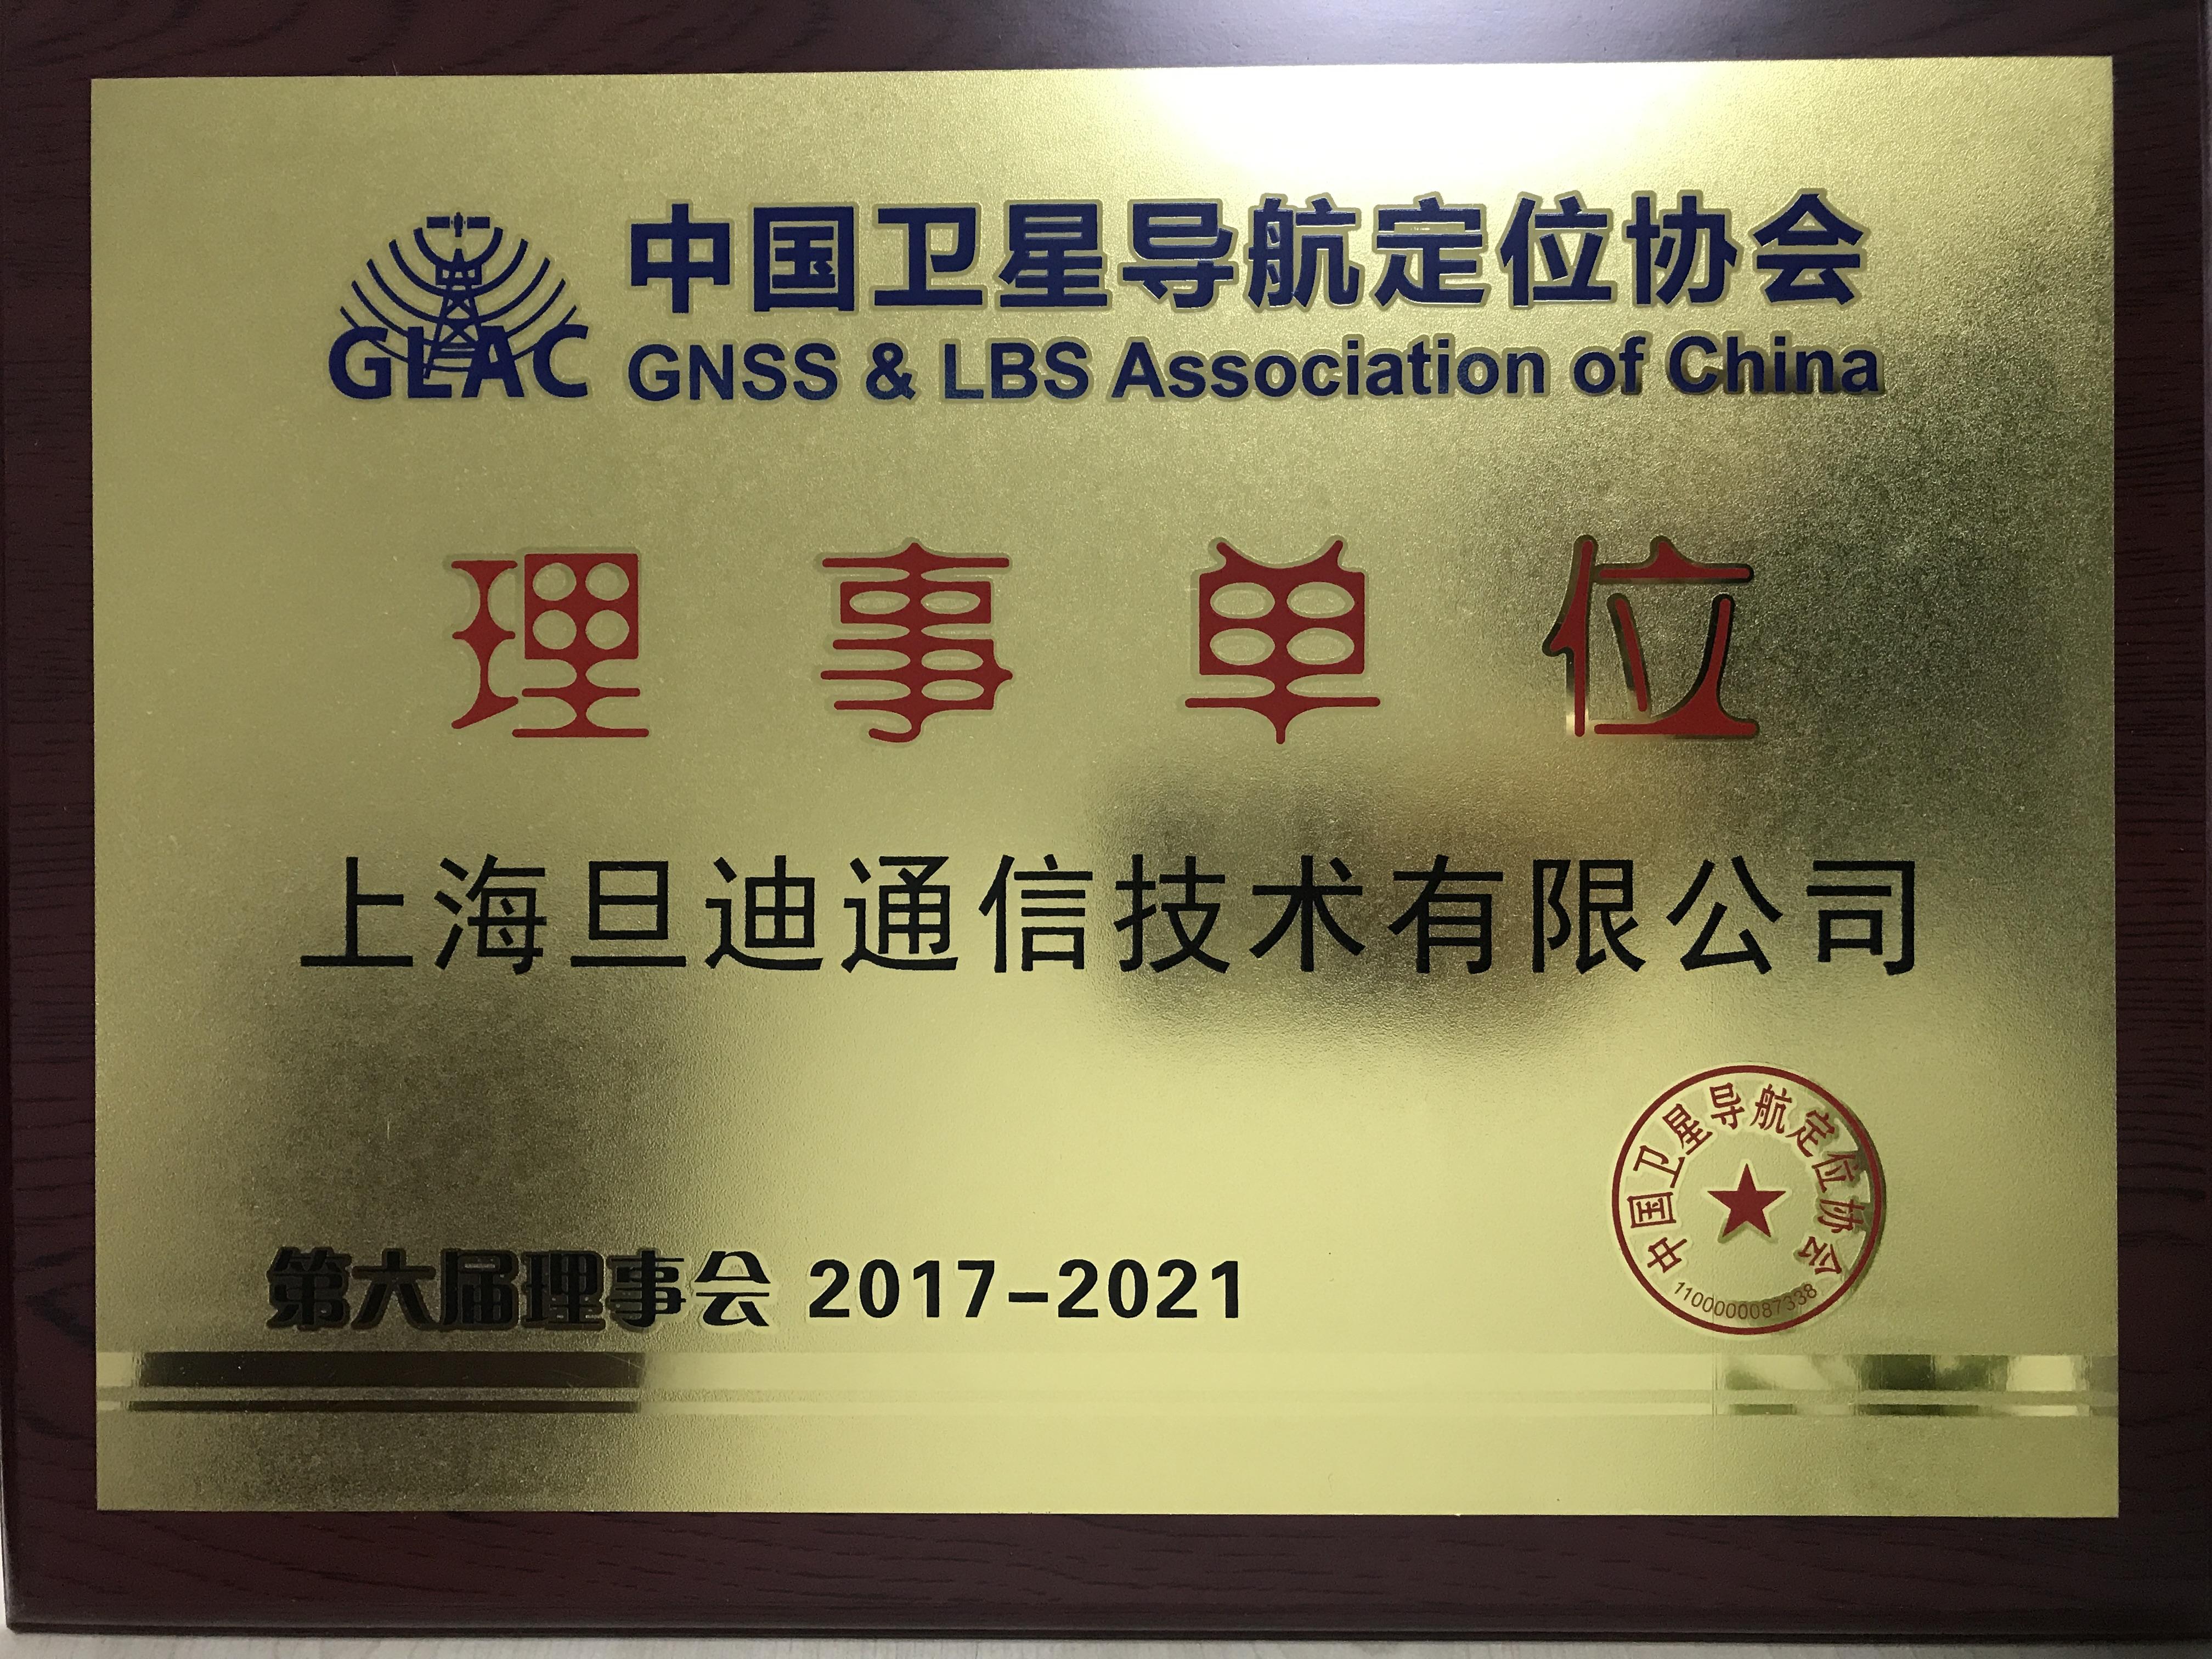 中国卫星定位导航协会理事单位